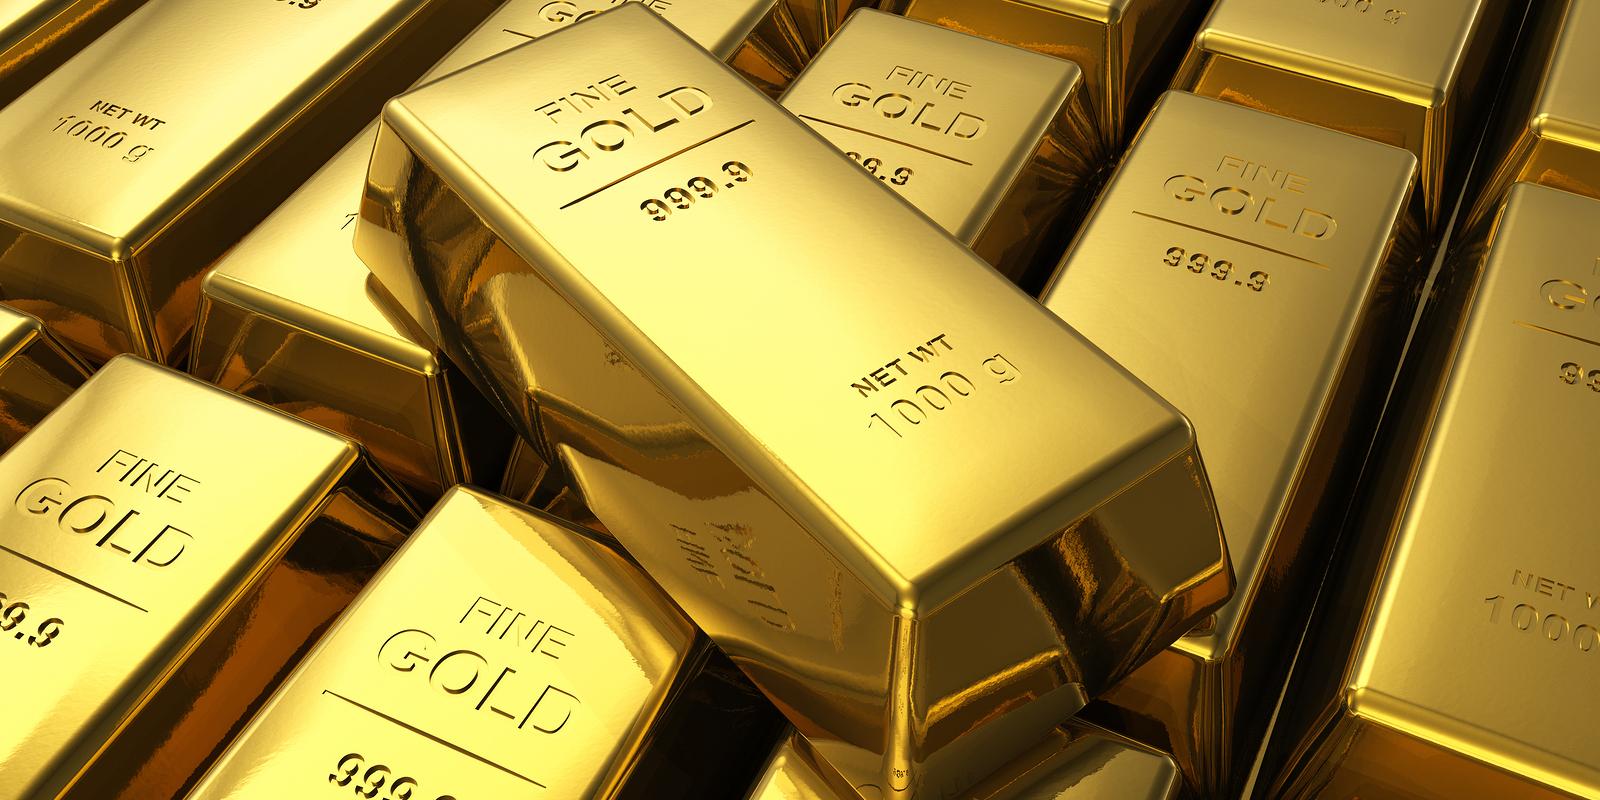 میل رو به رشد خرید طلا/ دلیل افزایش تقاضا چیست؟